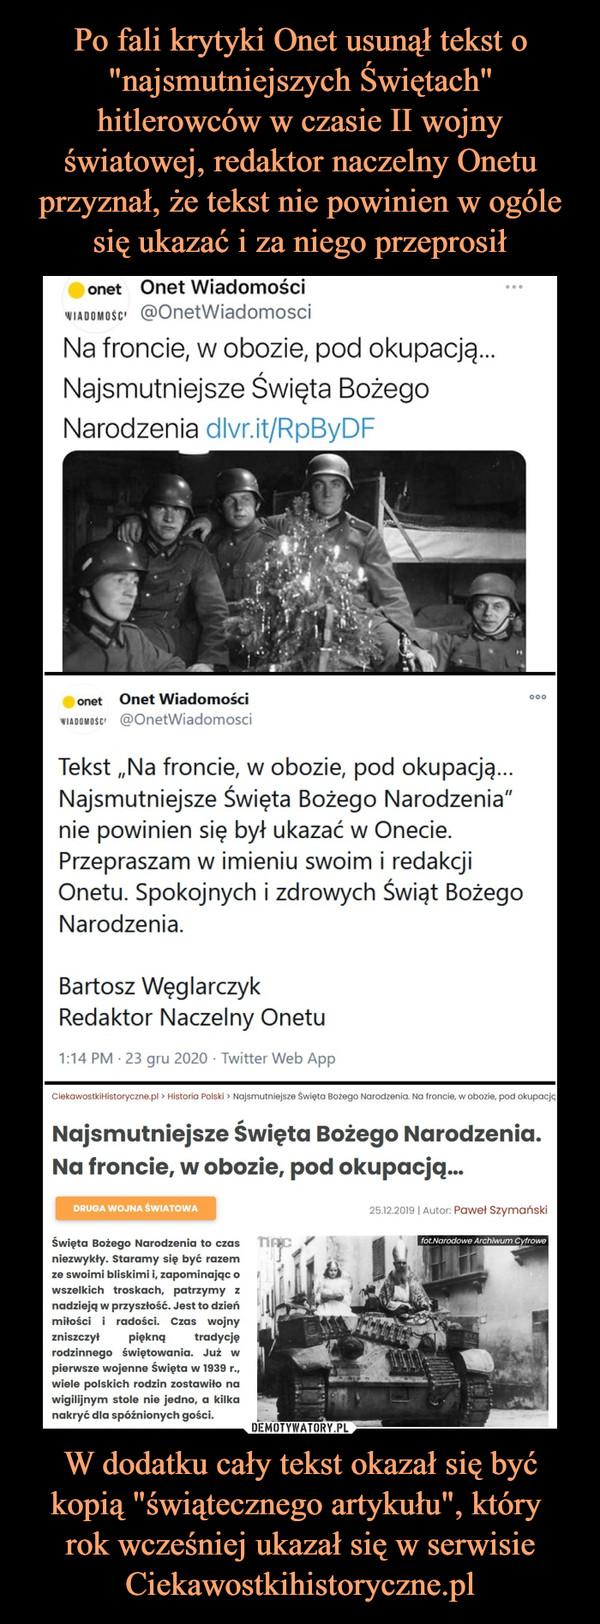 """W dodatku cały tekst okazał się być kopią """"świątecznego artykułu"""", który rok wcześniej ukazał się w serwisie Ciekawostkihistoryczne.pl –  onet  Onet Wiadomościiiidonisc @OnetWiadomosciNa froncie, w obozie, pod okupacją...Najsmutniejsze Święta BożegoNarodzenia dlvr.it/RpByDFon»t   Onet Wiadomościmnmto @OnelWJaclomosciTekst """"Na froncie, w obozie, pod okupację...Najsmutniejsze Święta Bożego Narodzenia""""nie powinien się był ukazać w Onecie.Przepraszam w imieniu swoim i redakcjiOnetu. Spokojnych i zdrowych Świąt BożegoNarodzenia.Bartosz WęglarczykRedaktor Naczelny Onetu1:14 PM • 23 gru 2020 • Twitter Web AppNajsmutniejsze Święta Bożego Narodzenia.Na froncie, w obozie, pod okupacją...DBUOA WOJU* ŚWIATÓW*Święta Bożego Narodzenia to c;o""""nlozwykry. Staramy łlf być razom10 swoimi bliskimi i. zapominając owszelkich troskach, patrzymy inad i\ u] a w przyszłość. Jest to dzierimiłości i radości. Czas wojnyzniszczył piękno, tradycjerodzinnego świętowania. Jul wpierwszo wojenno Święta w 1939 r..wielo polskich rodzin zostawiło nawigilijnym stolo nio jedno, a kilkanakryć dla spóźnionych goicl.?& ts.soła i Auto Paweł srynwnski"""